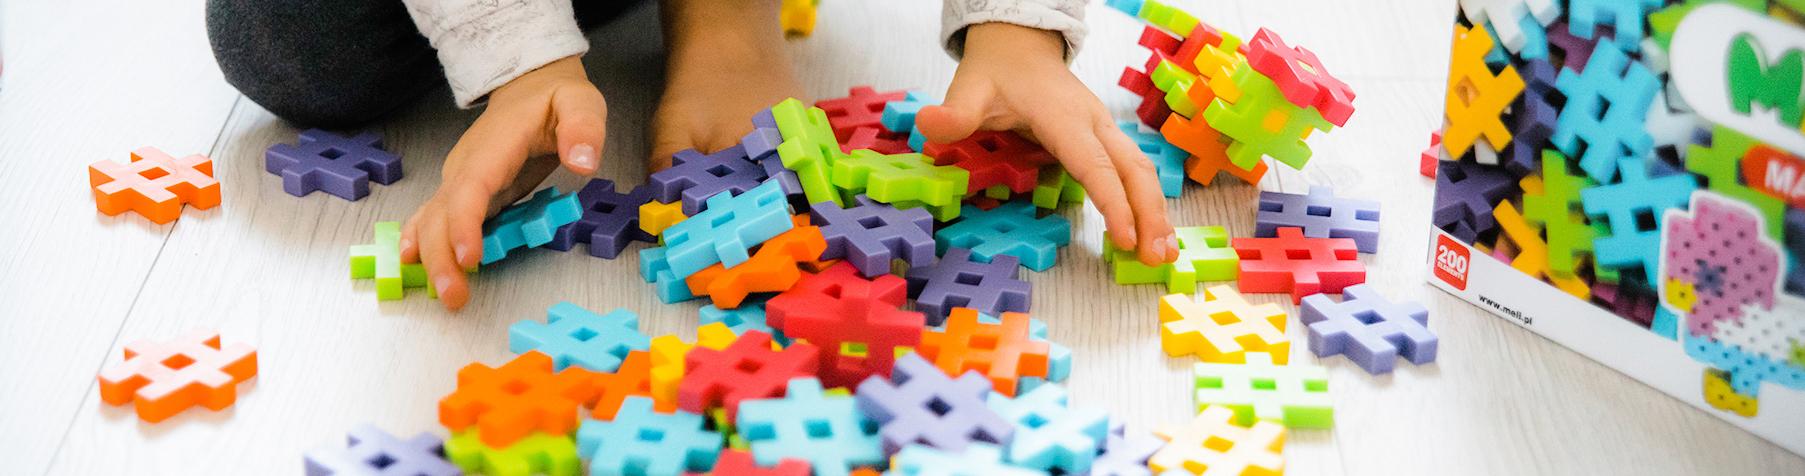 Meli Maxi - Kreativ-Bausteine, Spielzeug für Kinder